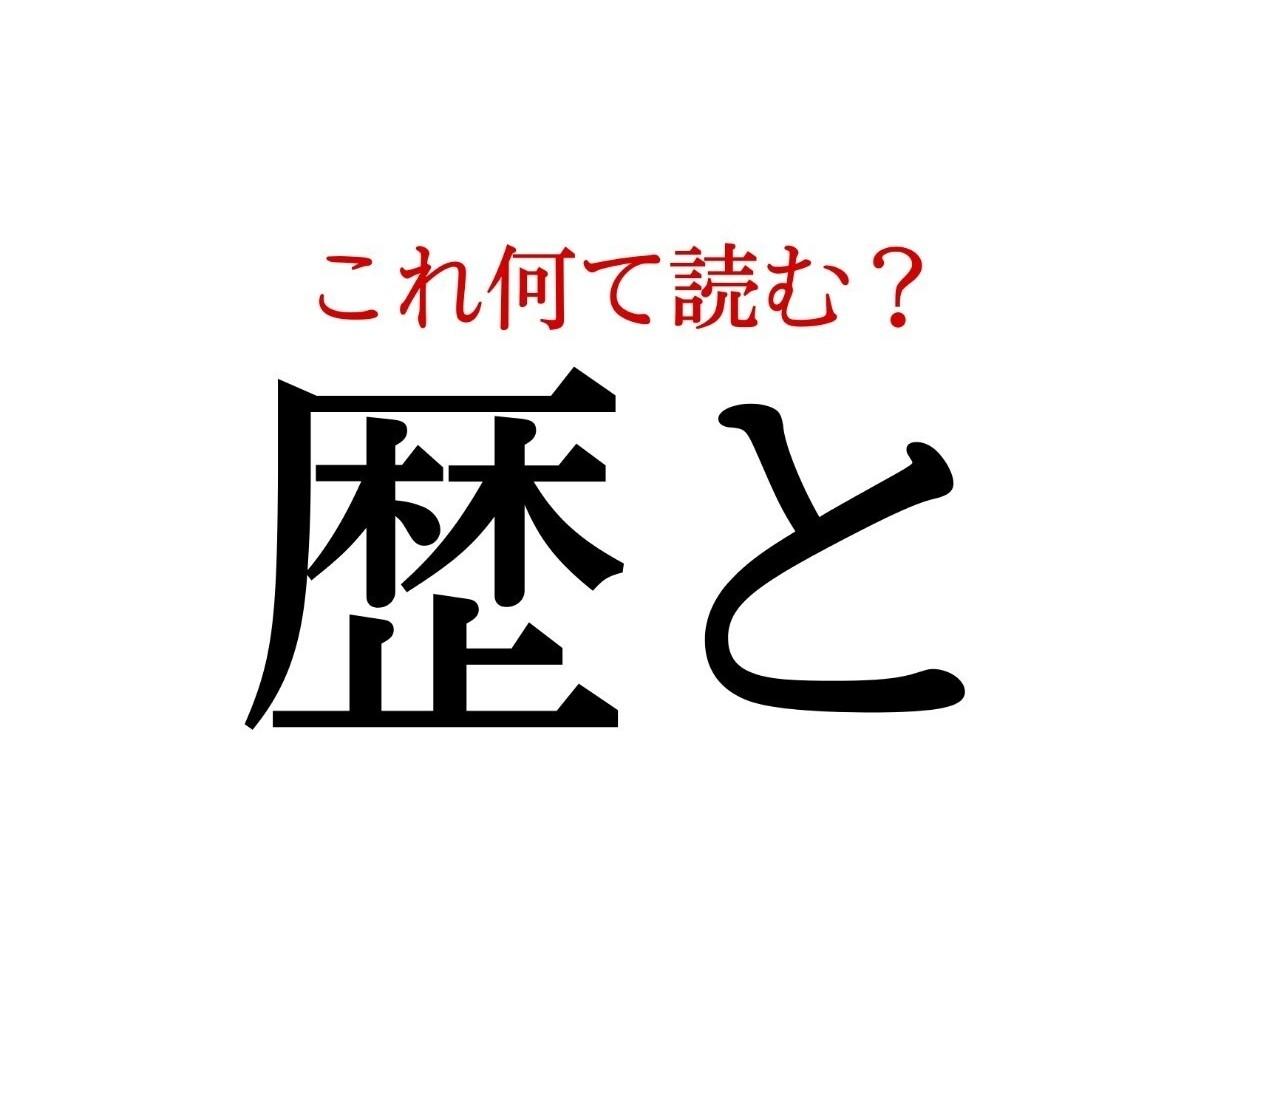 「歴と」:この漢字、自信を持って読めますか?【働く大人の漢字クイズvol.306】